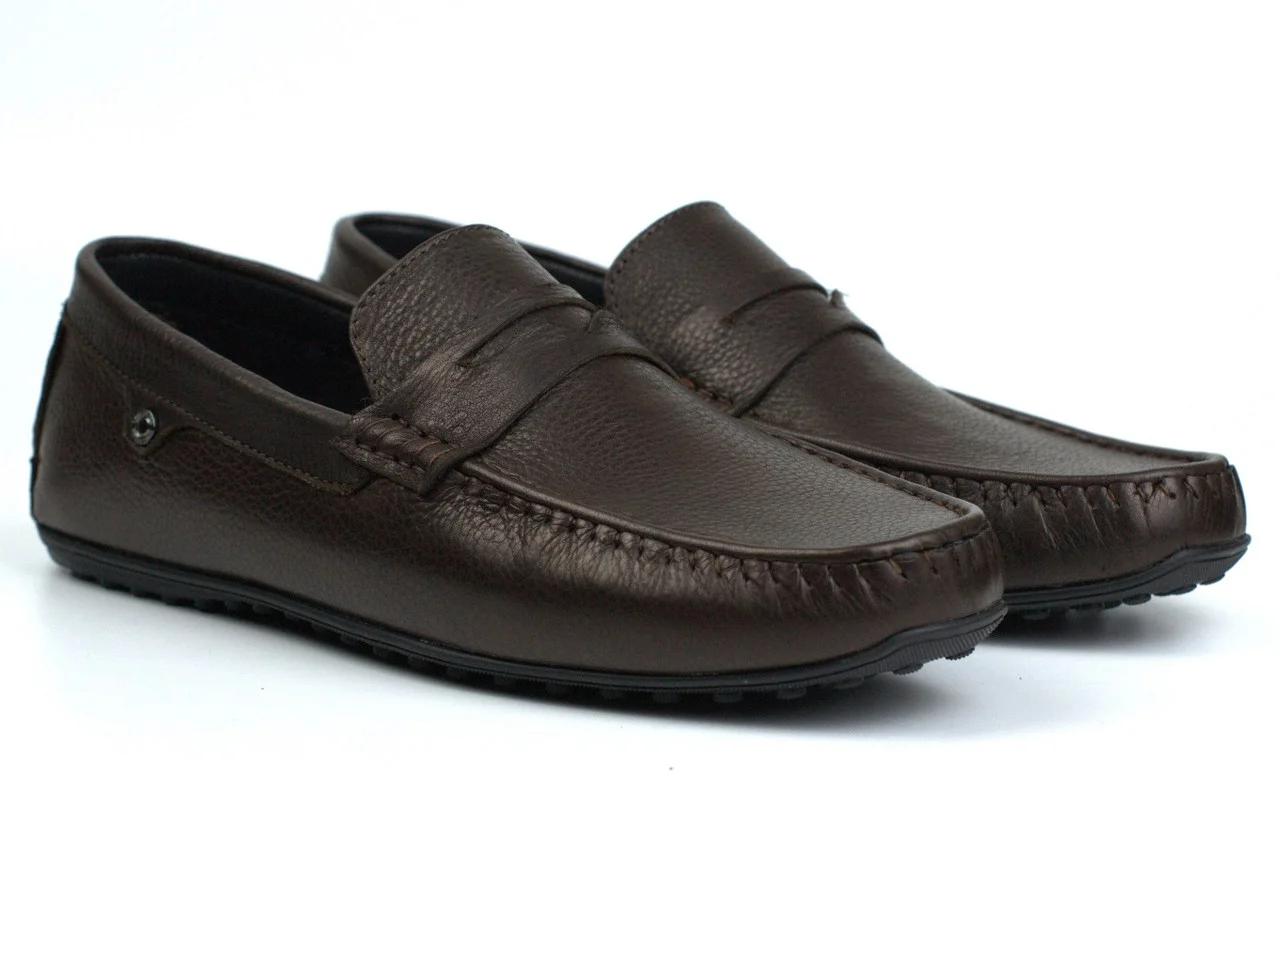 Мокасины коричневые кожаные мужская обувь больших размеров ETHEREAL BS Chelsea Brown Leather by Rosso Avangard Подробнее: